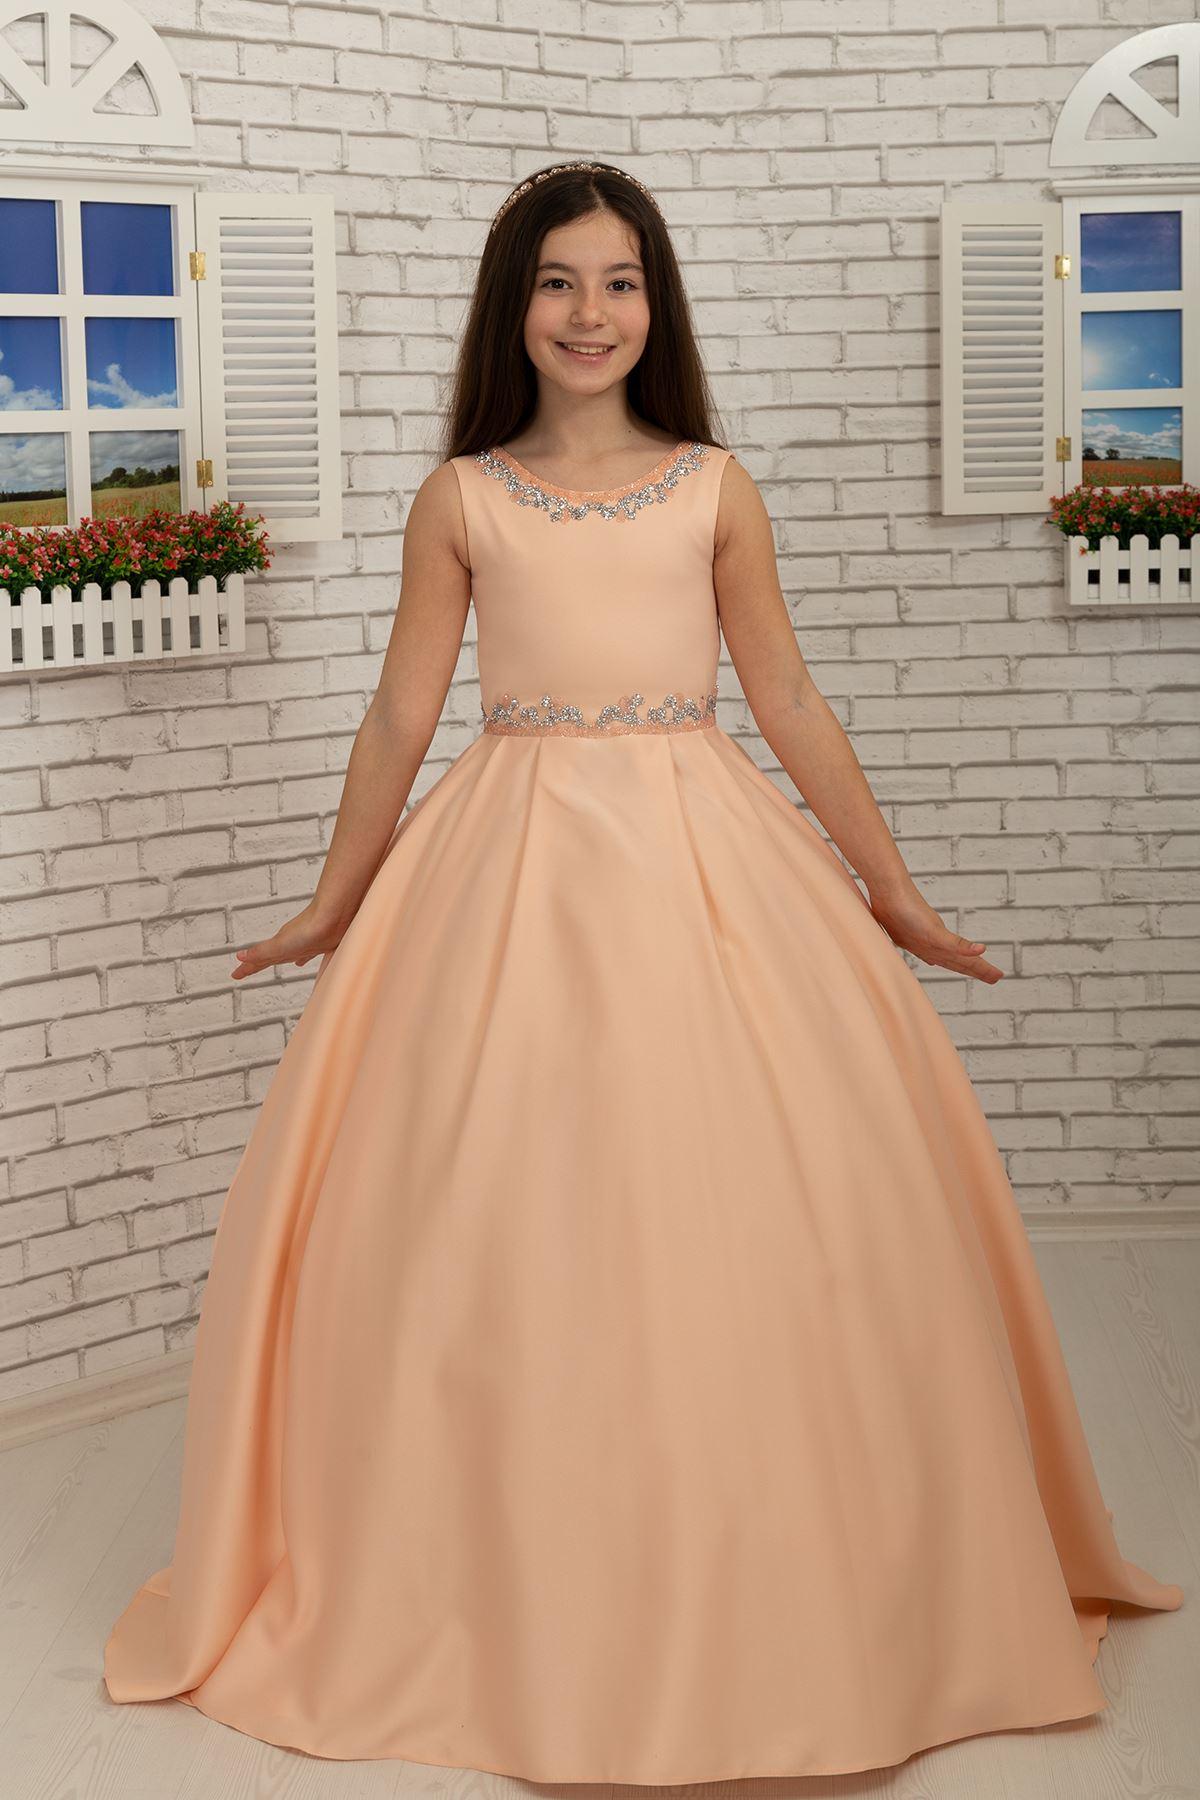 腰と首の詳細、サテンふわふわ女の子のイブニングドレス631サーモン